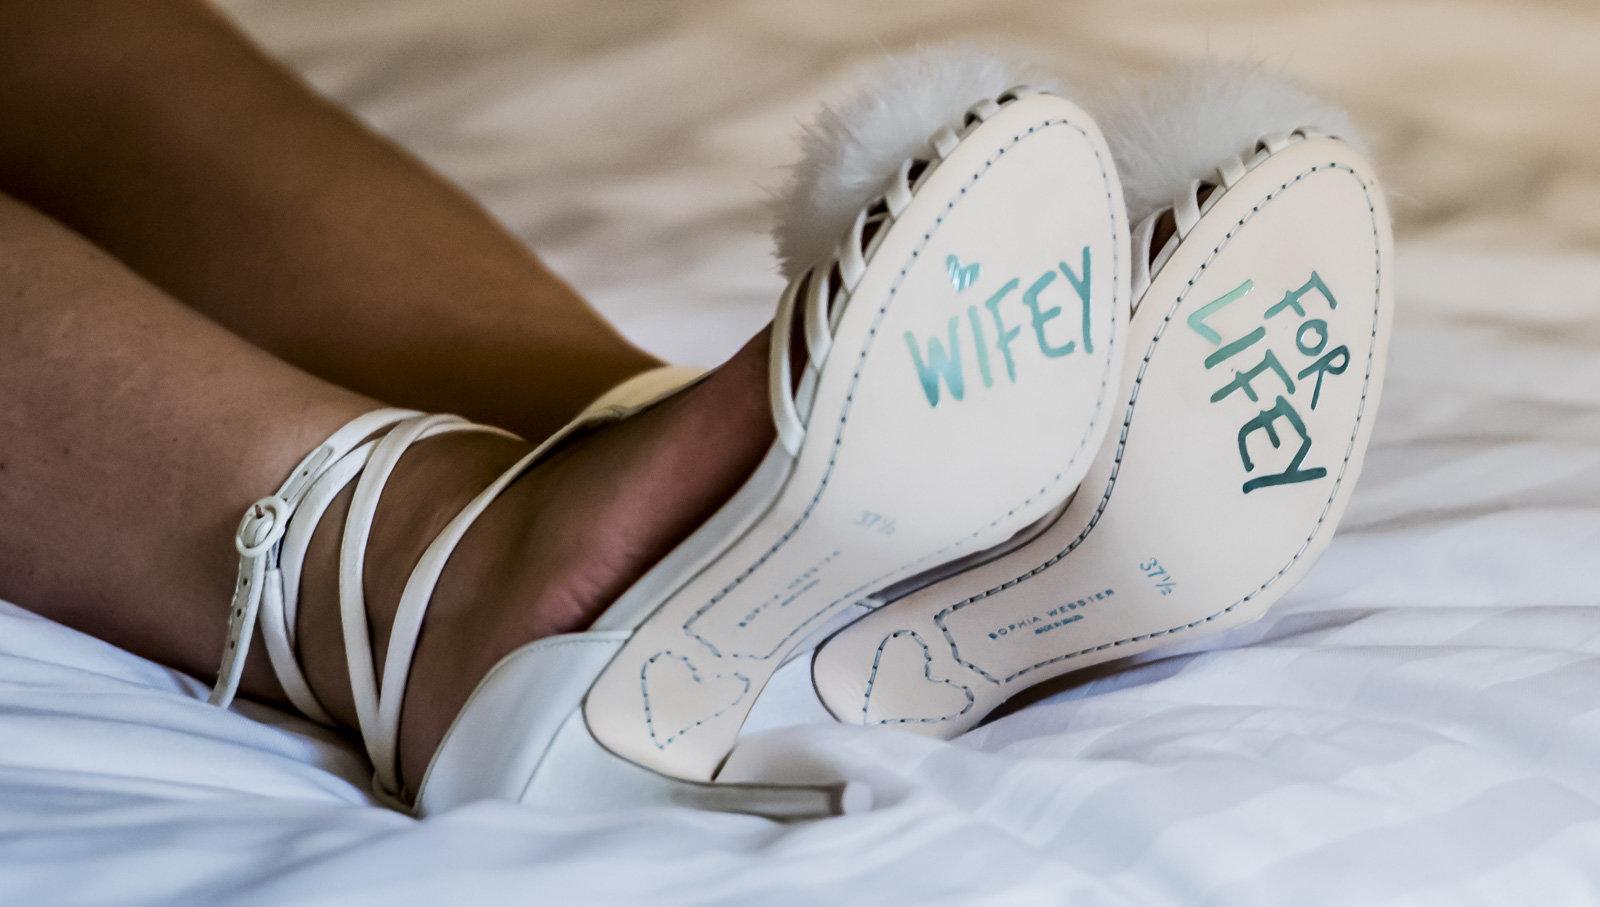 Wifey4Lifey